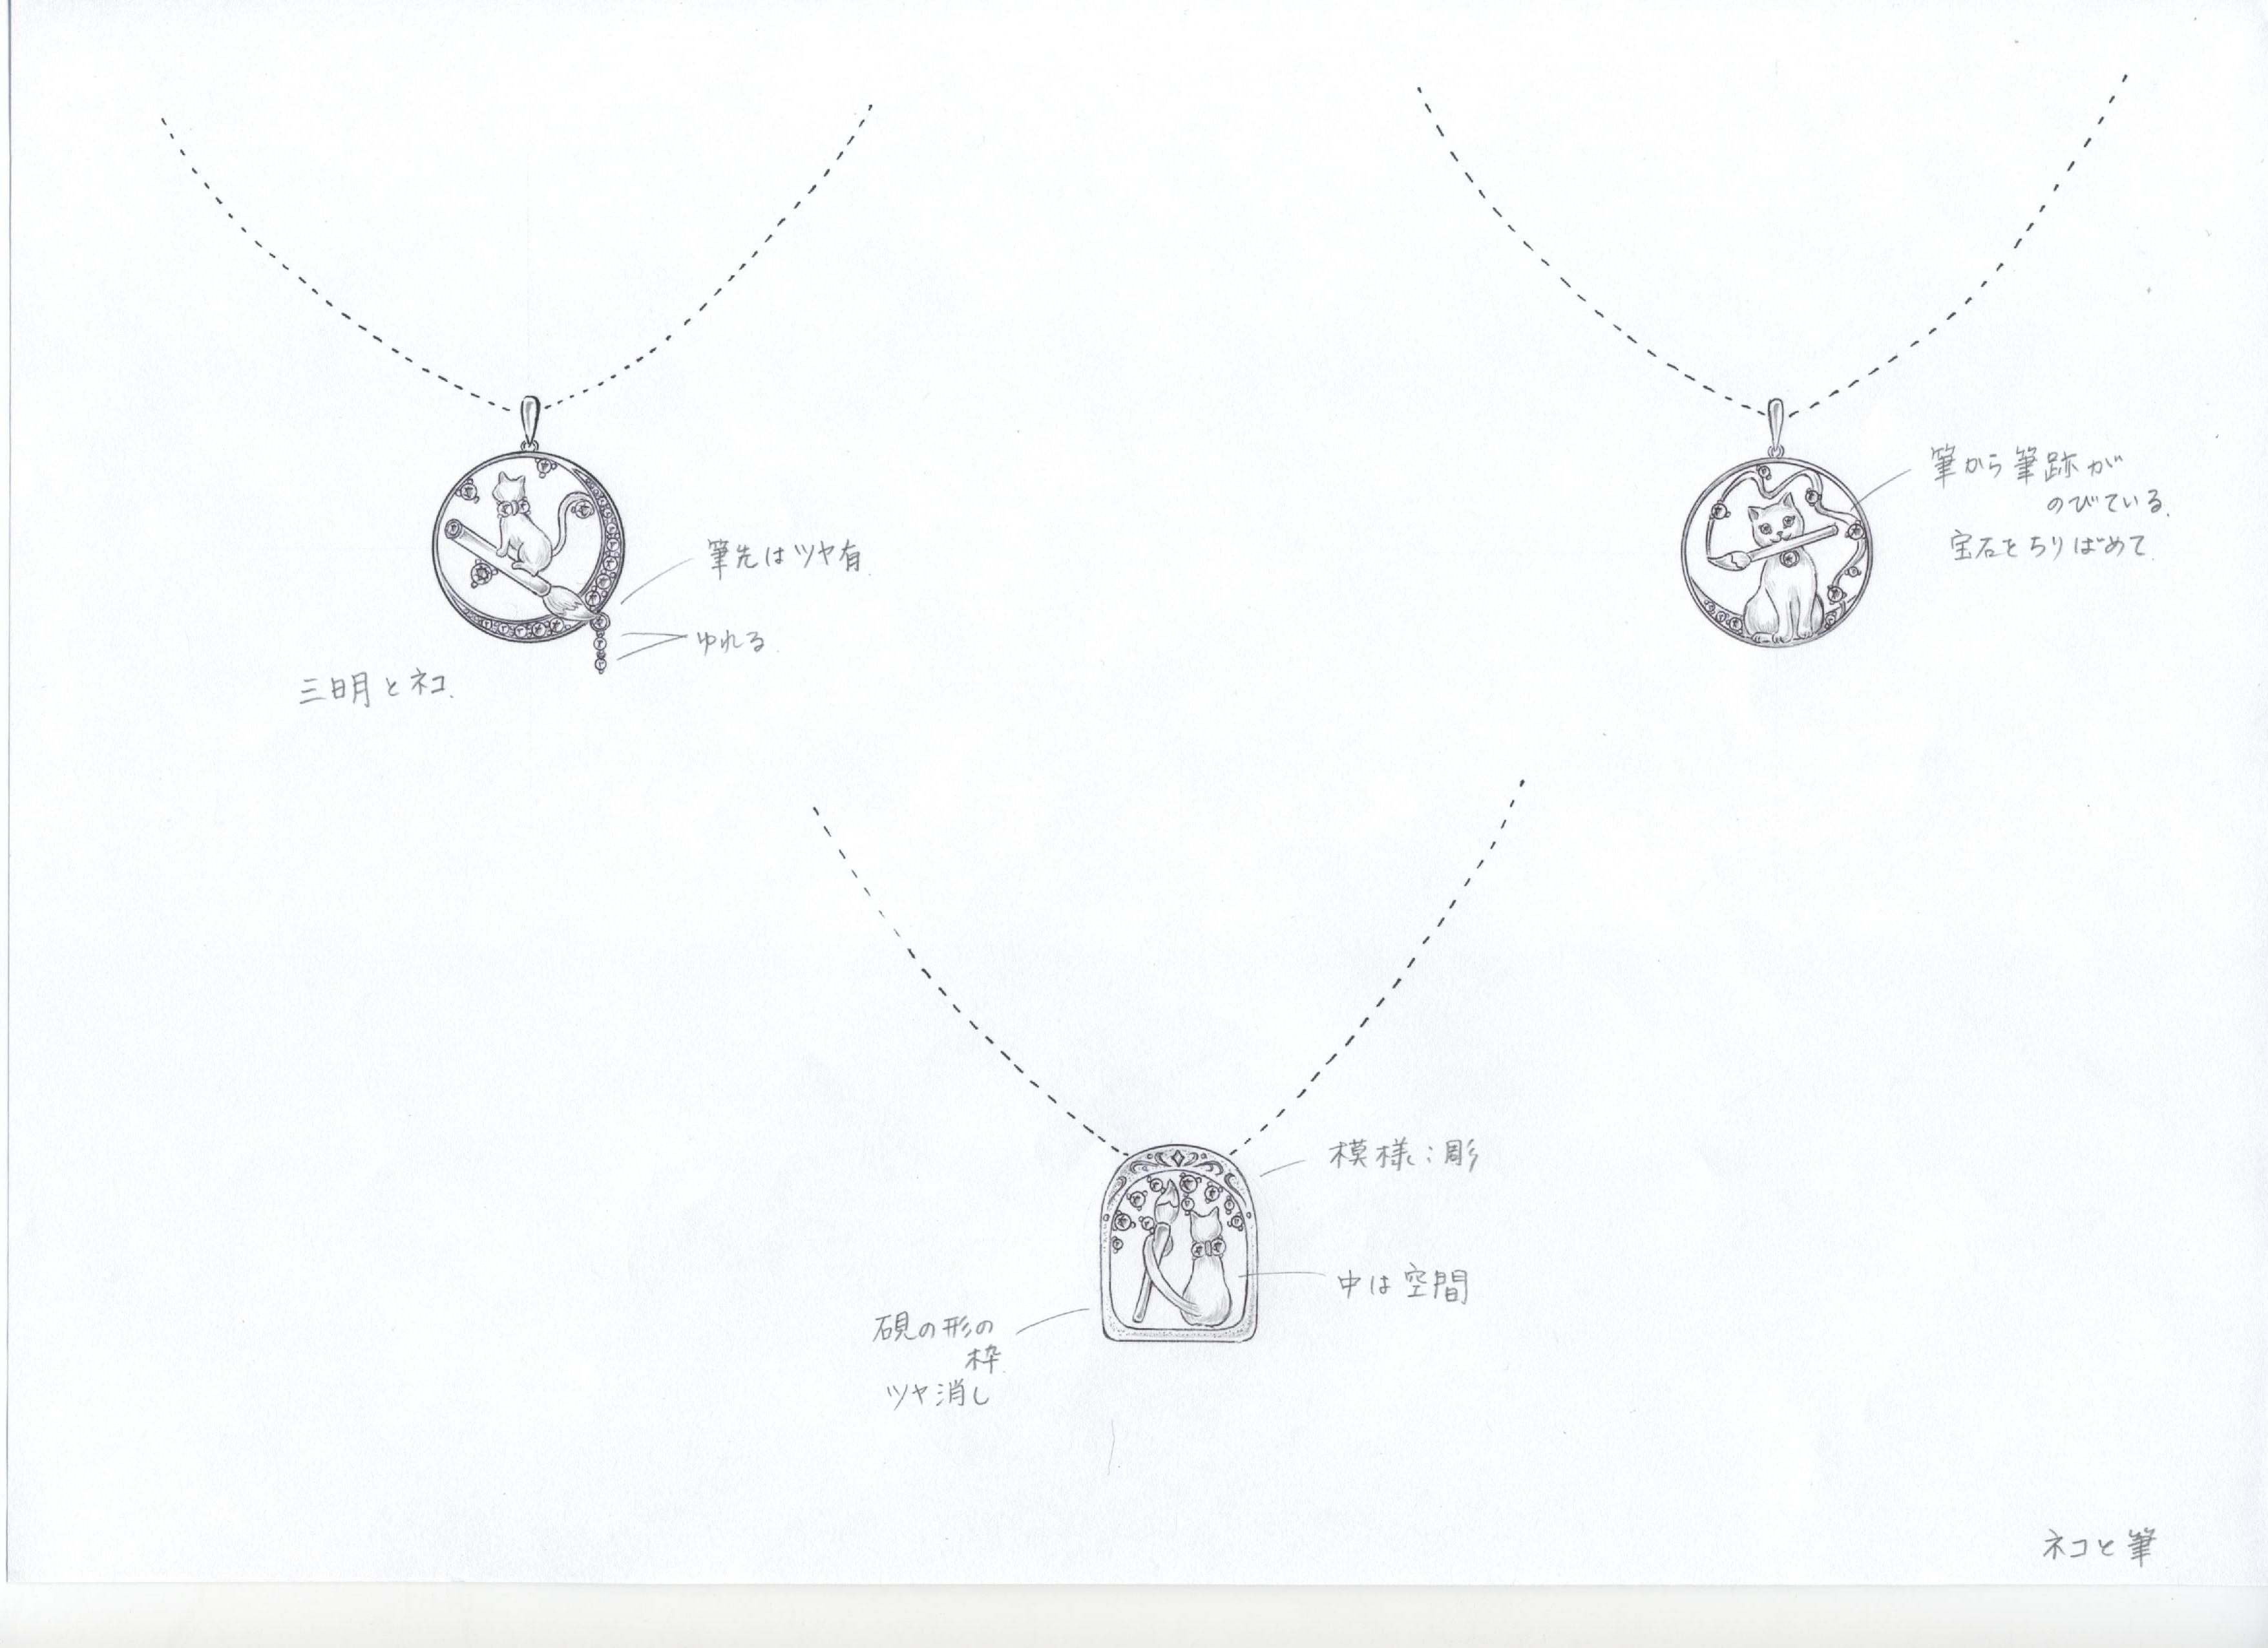 ネコと筆のデザイン画